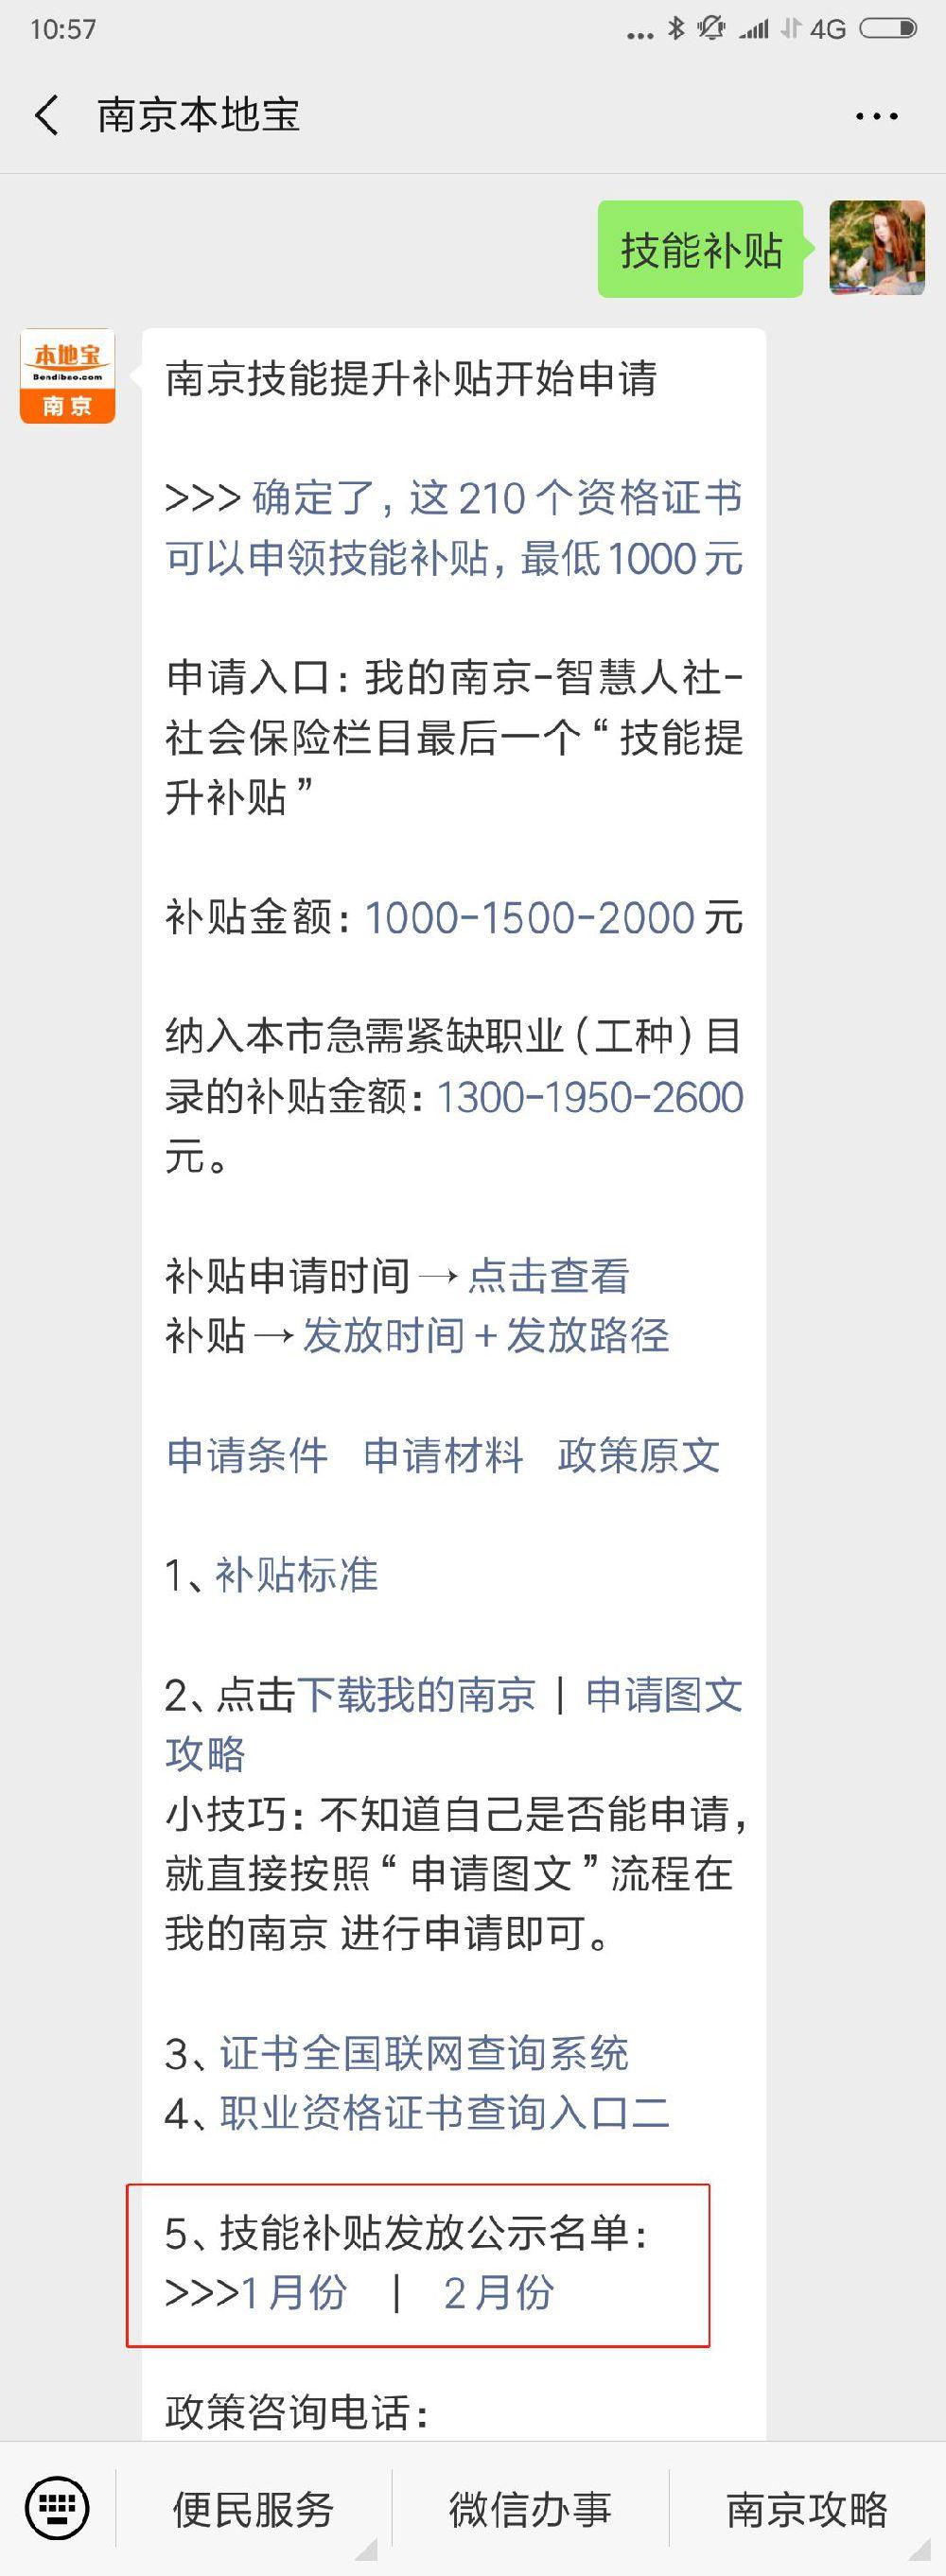 南京职工技能提升补贴哪些证书可以领 证书怎么查